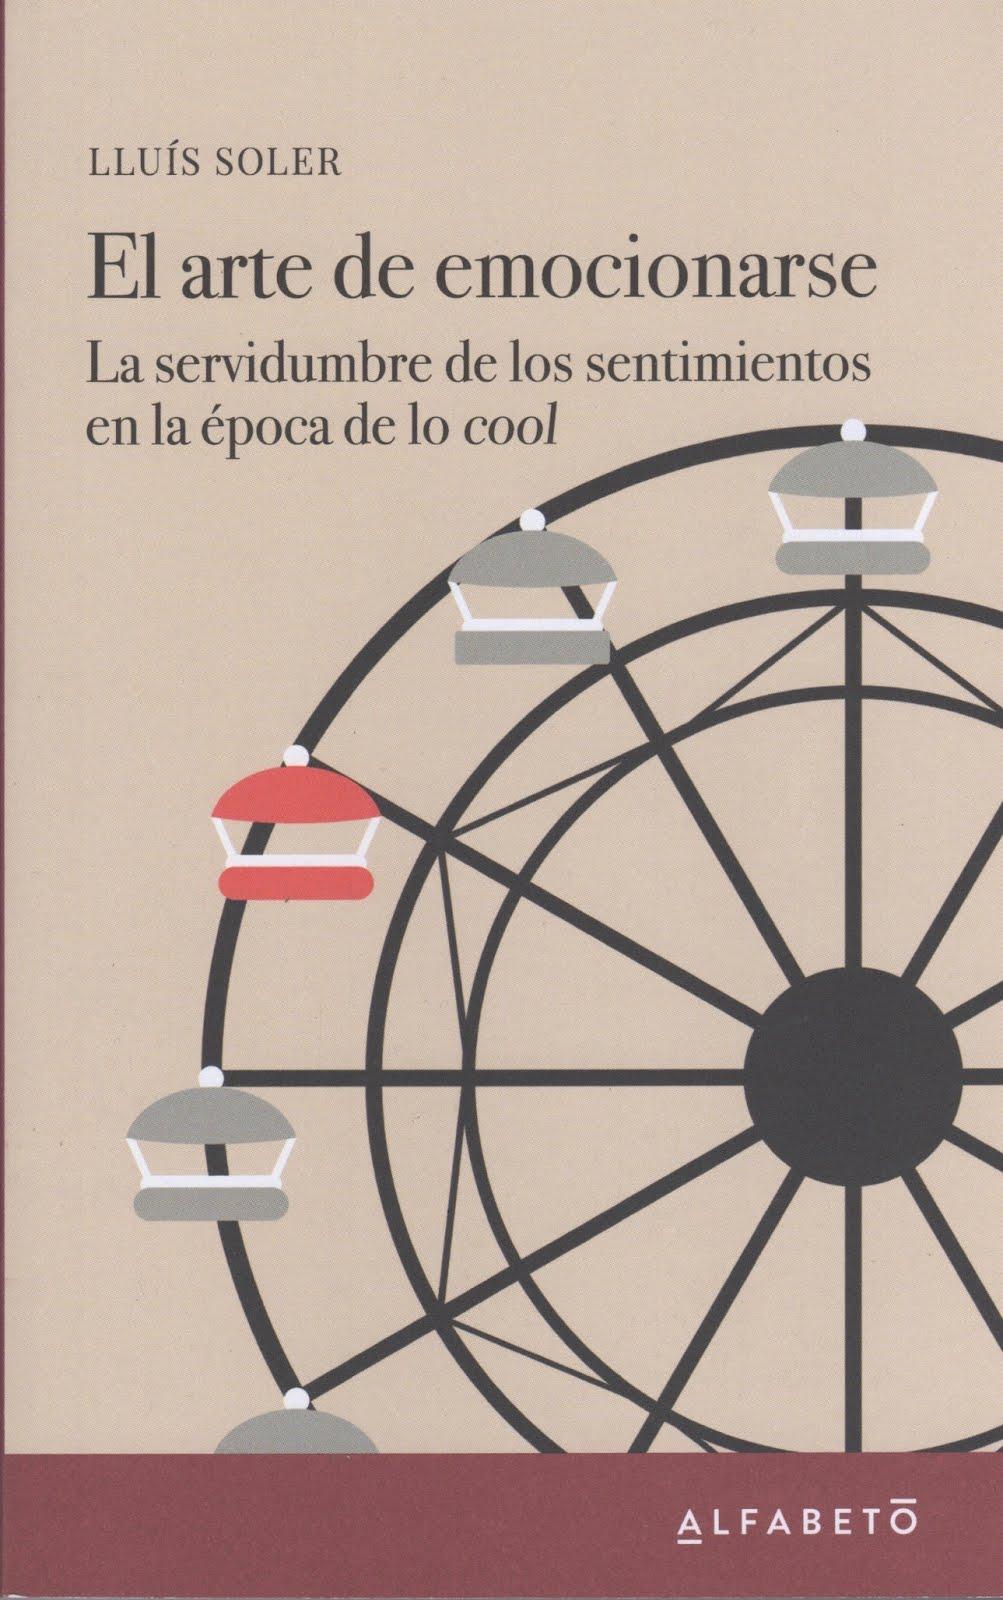 Lluís Soler (El arte de emocionarse) La servidumbre de los sentimientos en la época de lo cool